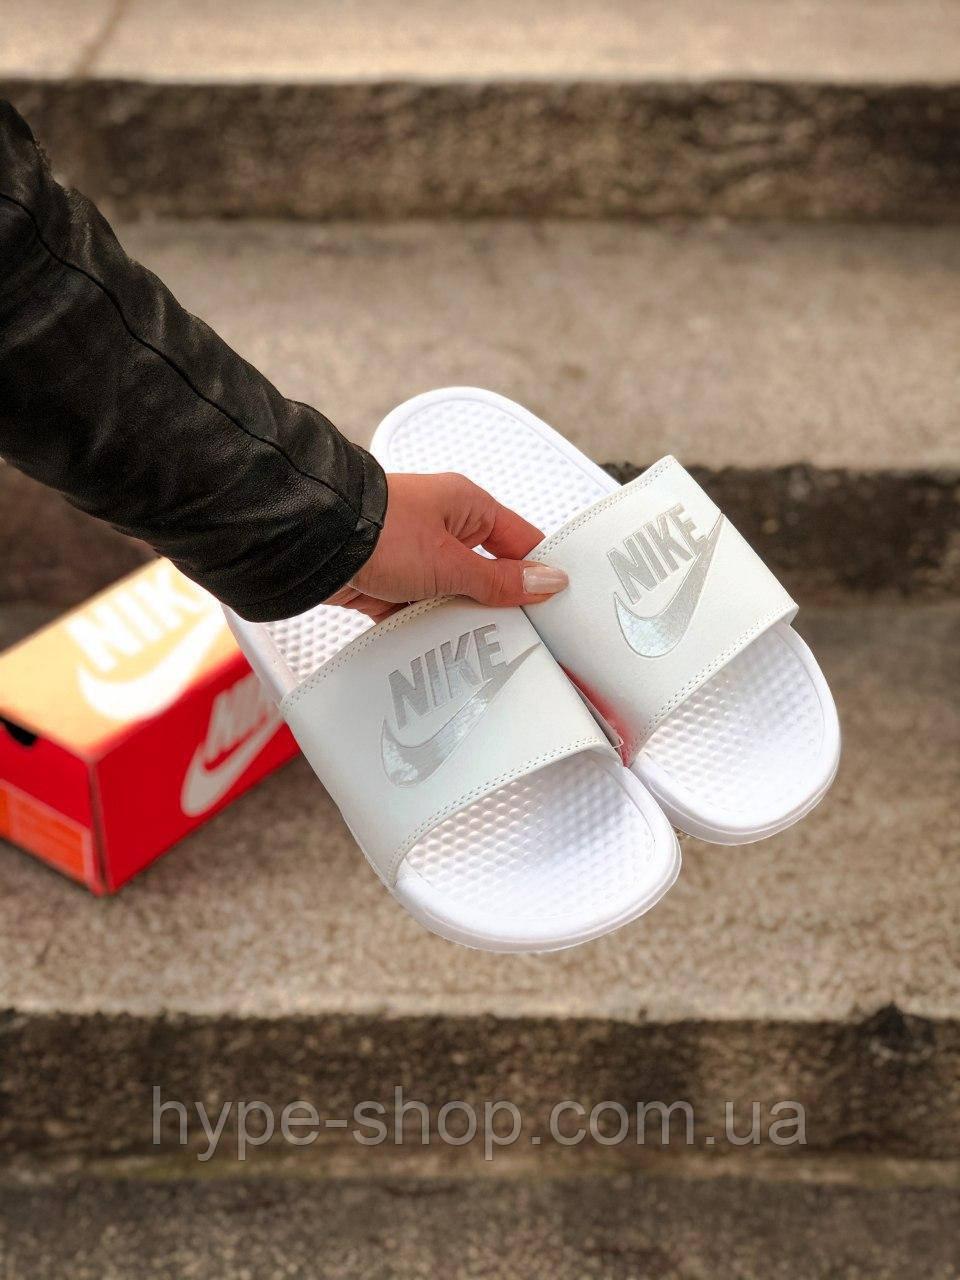 Чоловічі білі Тапки Сланці Шльопанці Nike репліка